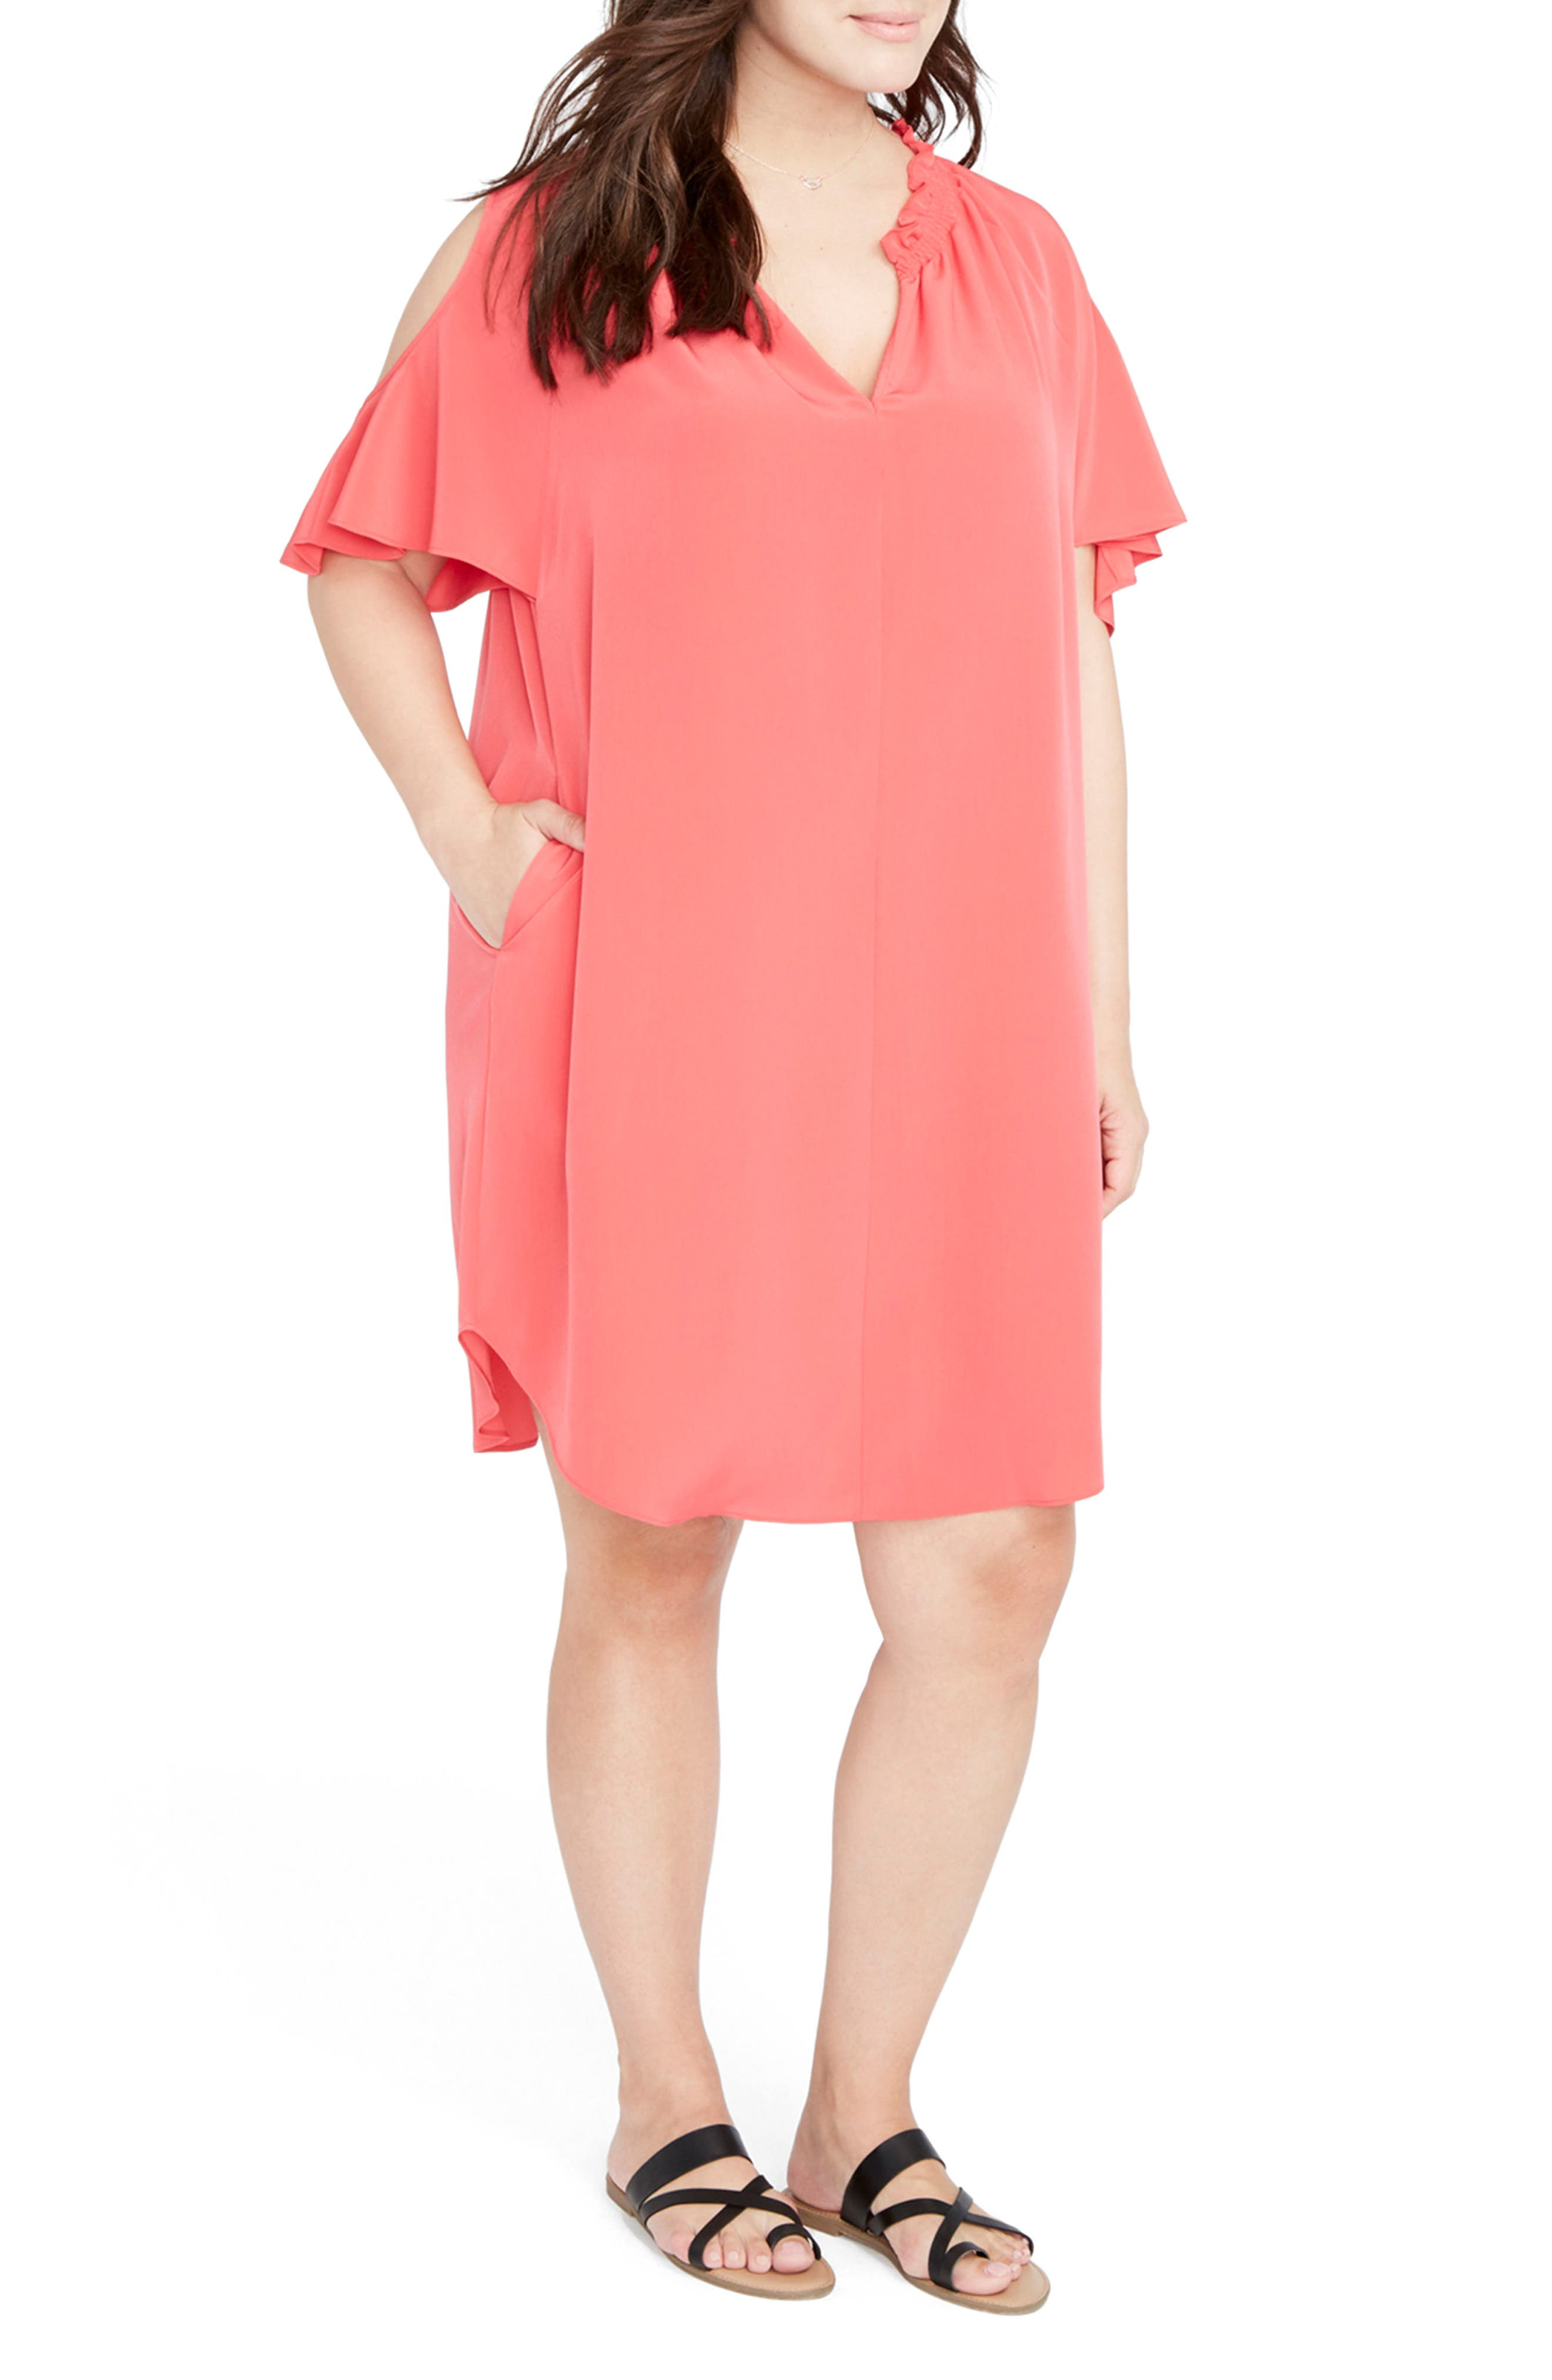 Main Image - RACHEL Rachel Roy Elizabeth Cold Shoulder Dress (Plus Size)